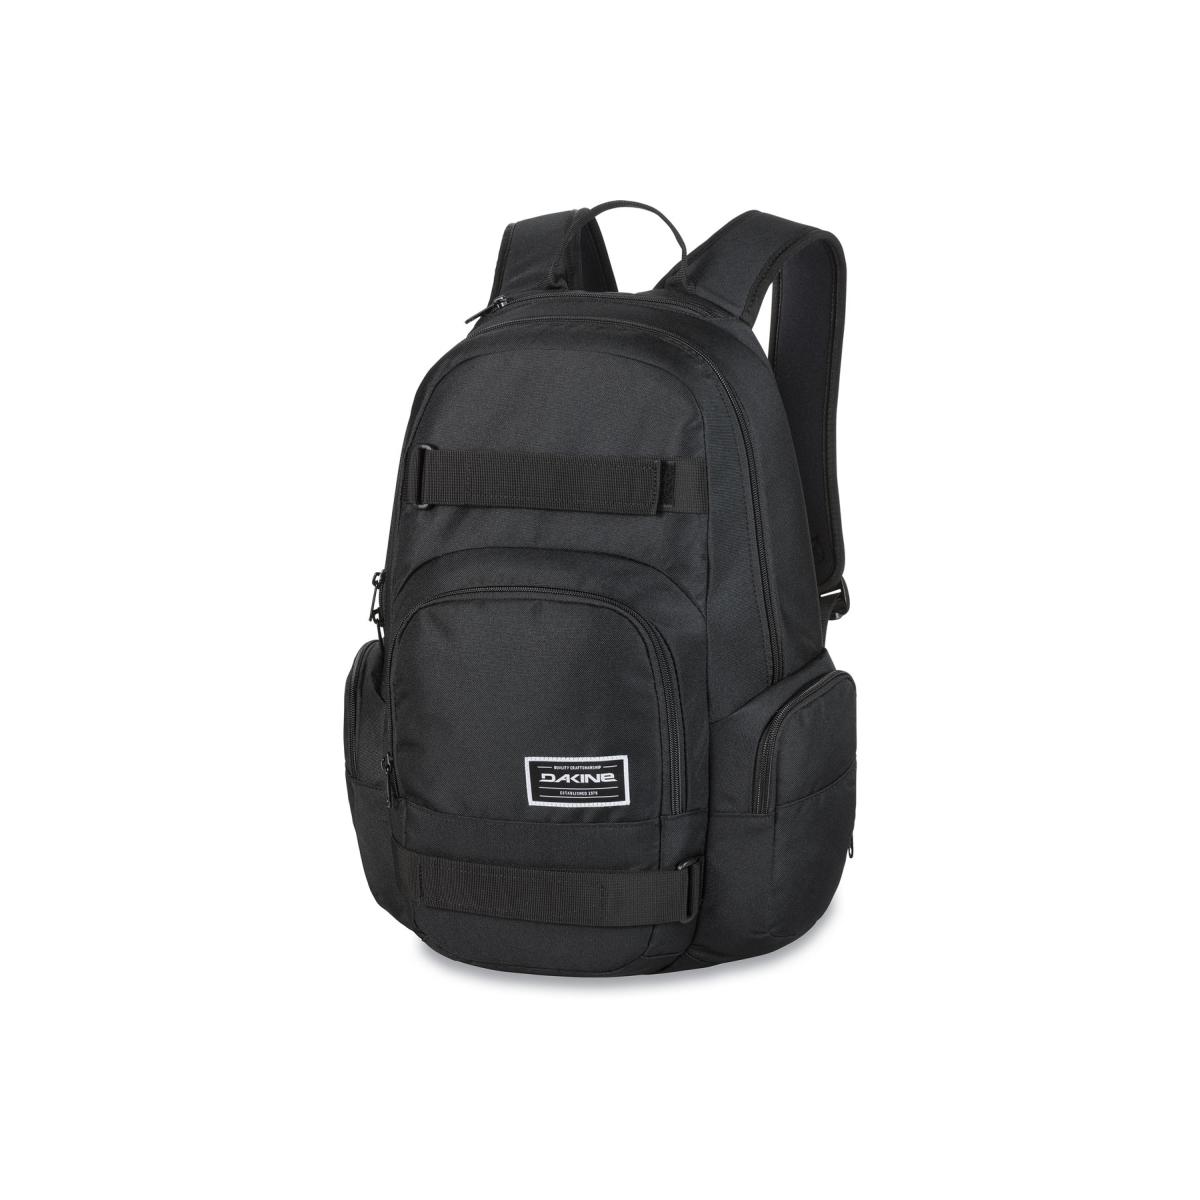 Plecak DAKINE Atlas 25L Black